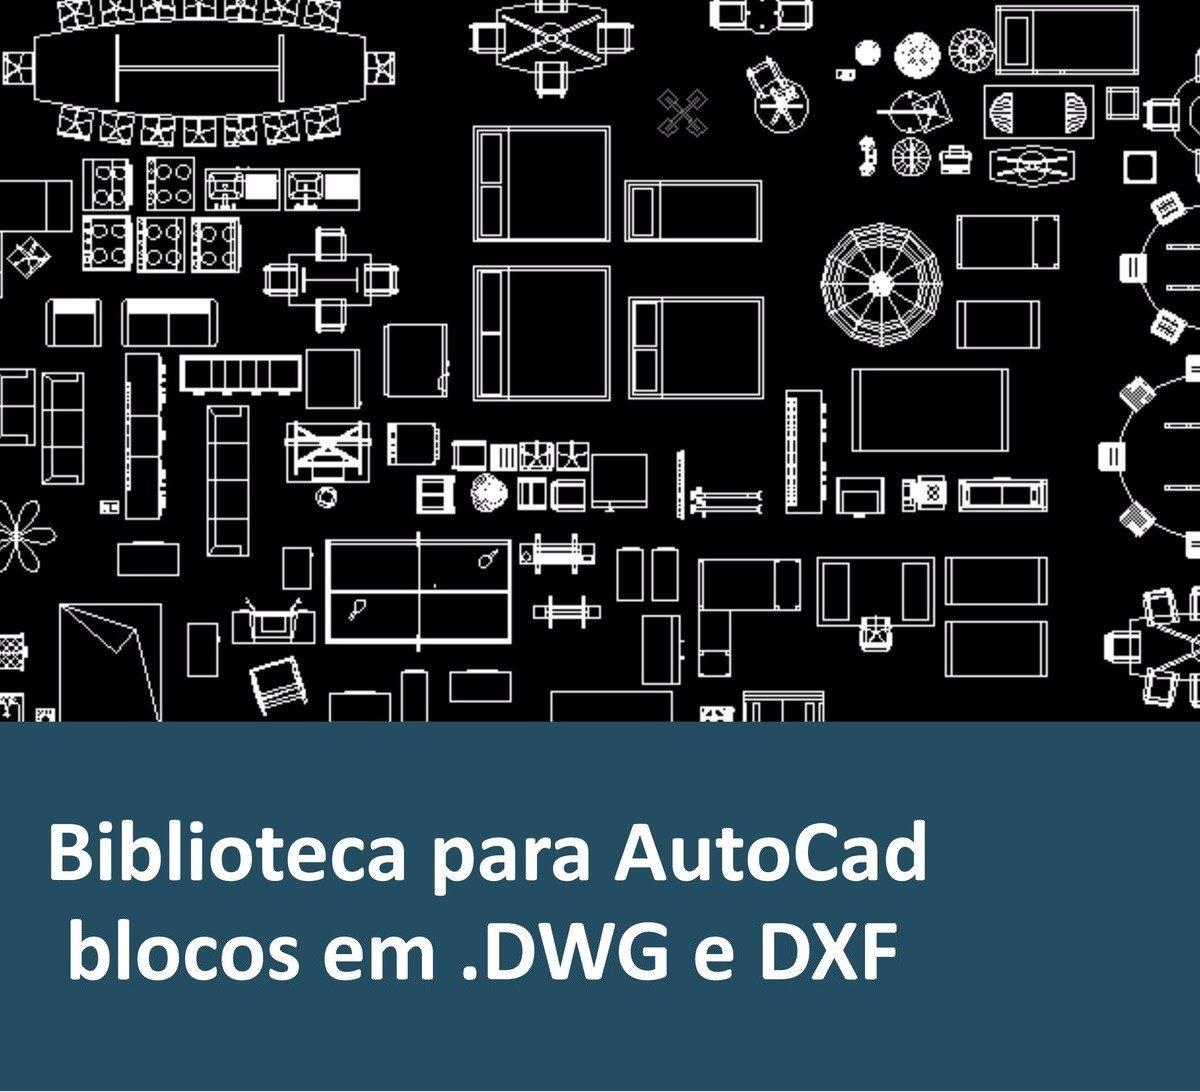 BAIXAR BLOCOS DE ELETRICA PARA AUTOCAD